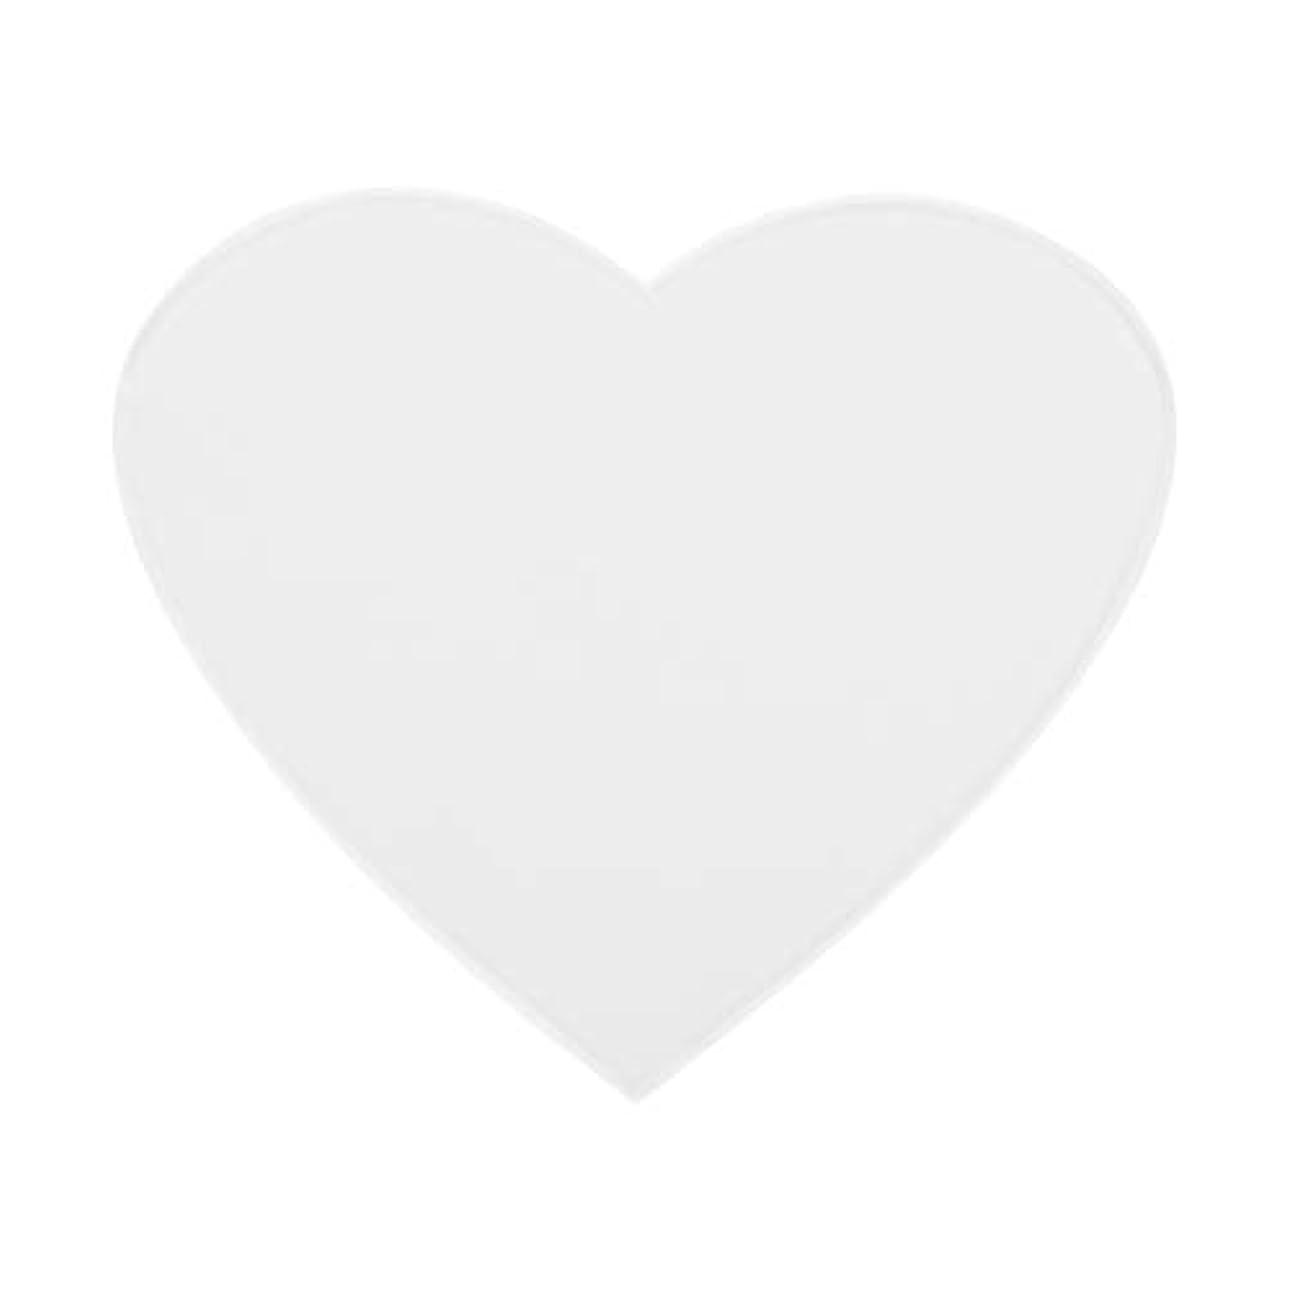 トリプル受取人作者アンチリンクルシリコンチェストパッドケア再利用可能パッド(心臓)